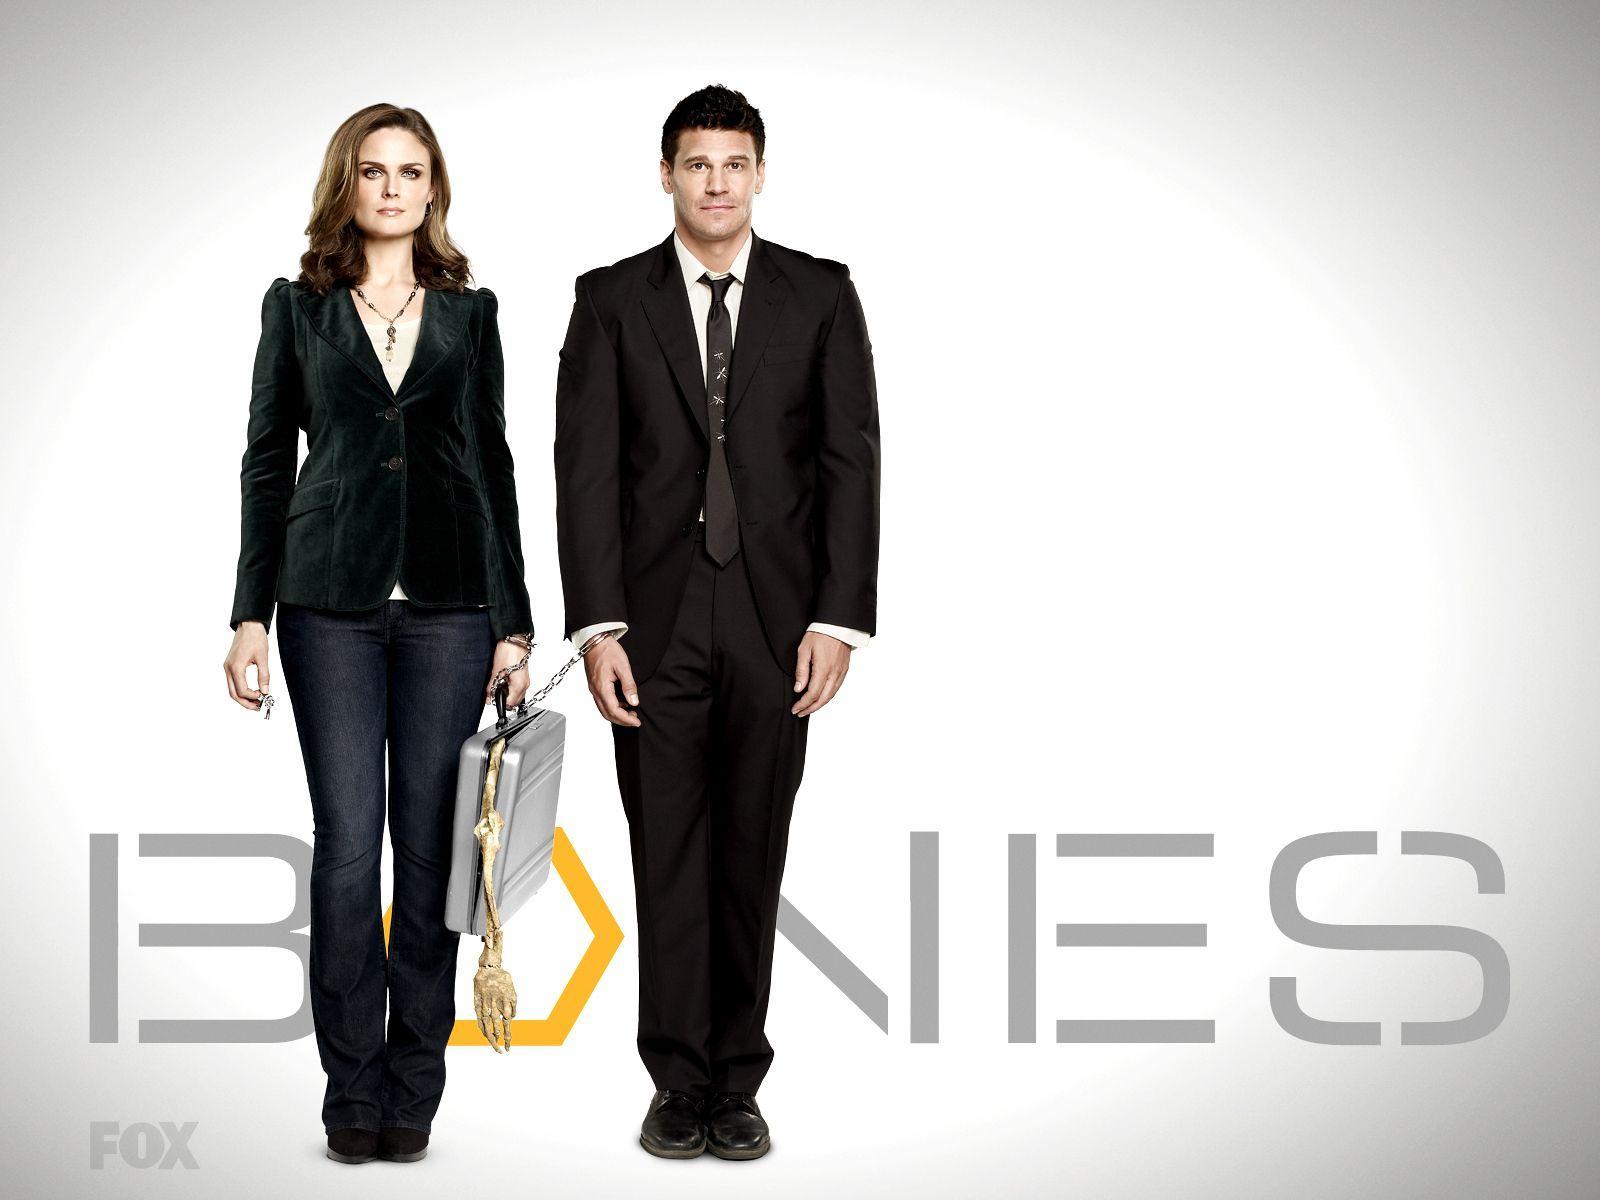 35 Best Free Bones TV Show Logo Wallpapers